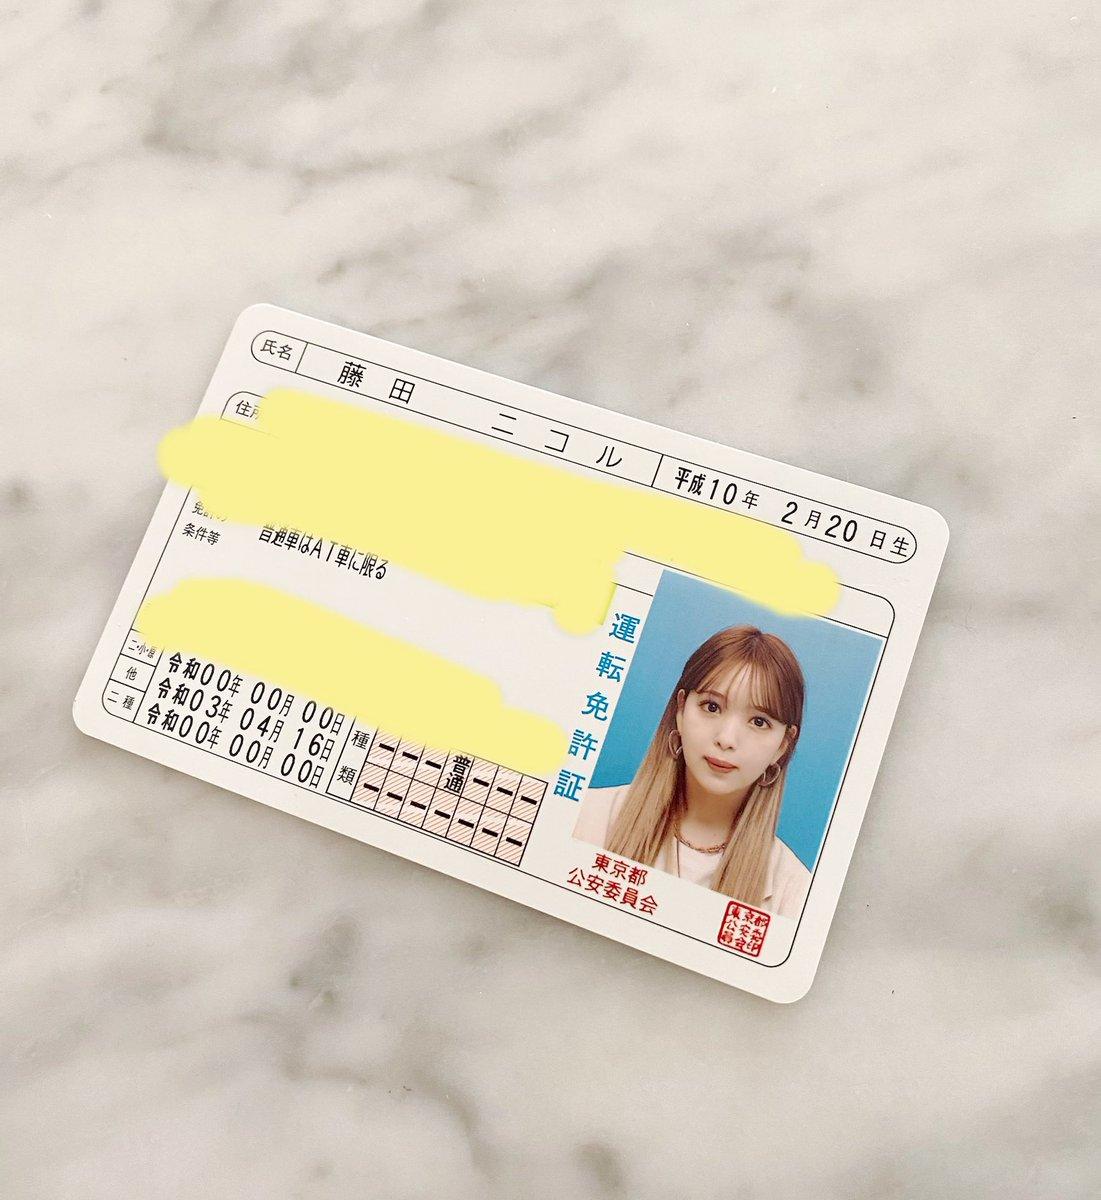 藤田ニコルさんが運転免許証を取得、本名も公開!